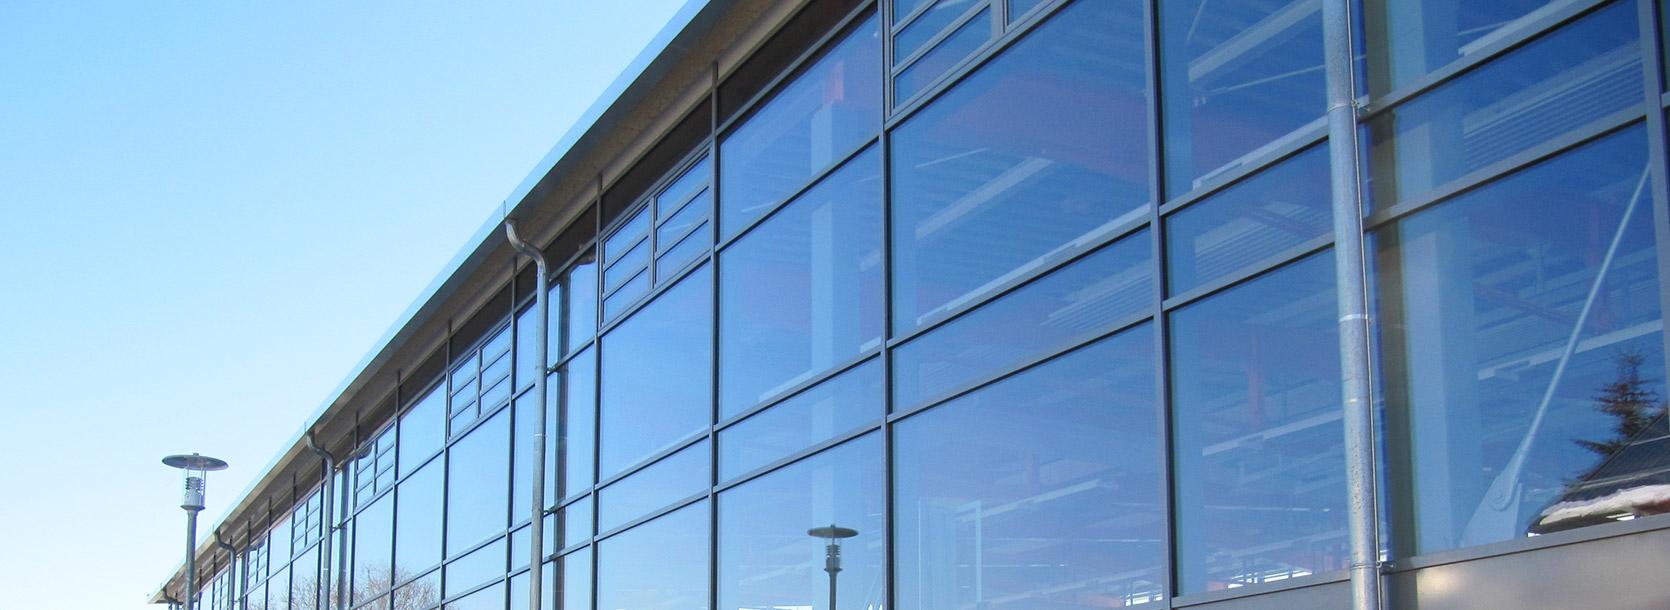 Full Size of Trocal 76 Anschlagdichtung Regel Air Automatisch Frische Luft Bodentiefe Fenster Salamander Rundes Sichtschutz Für Zwangsbelüftung Nachrüsten Drutex Fenster Trocal Fenster